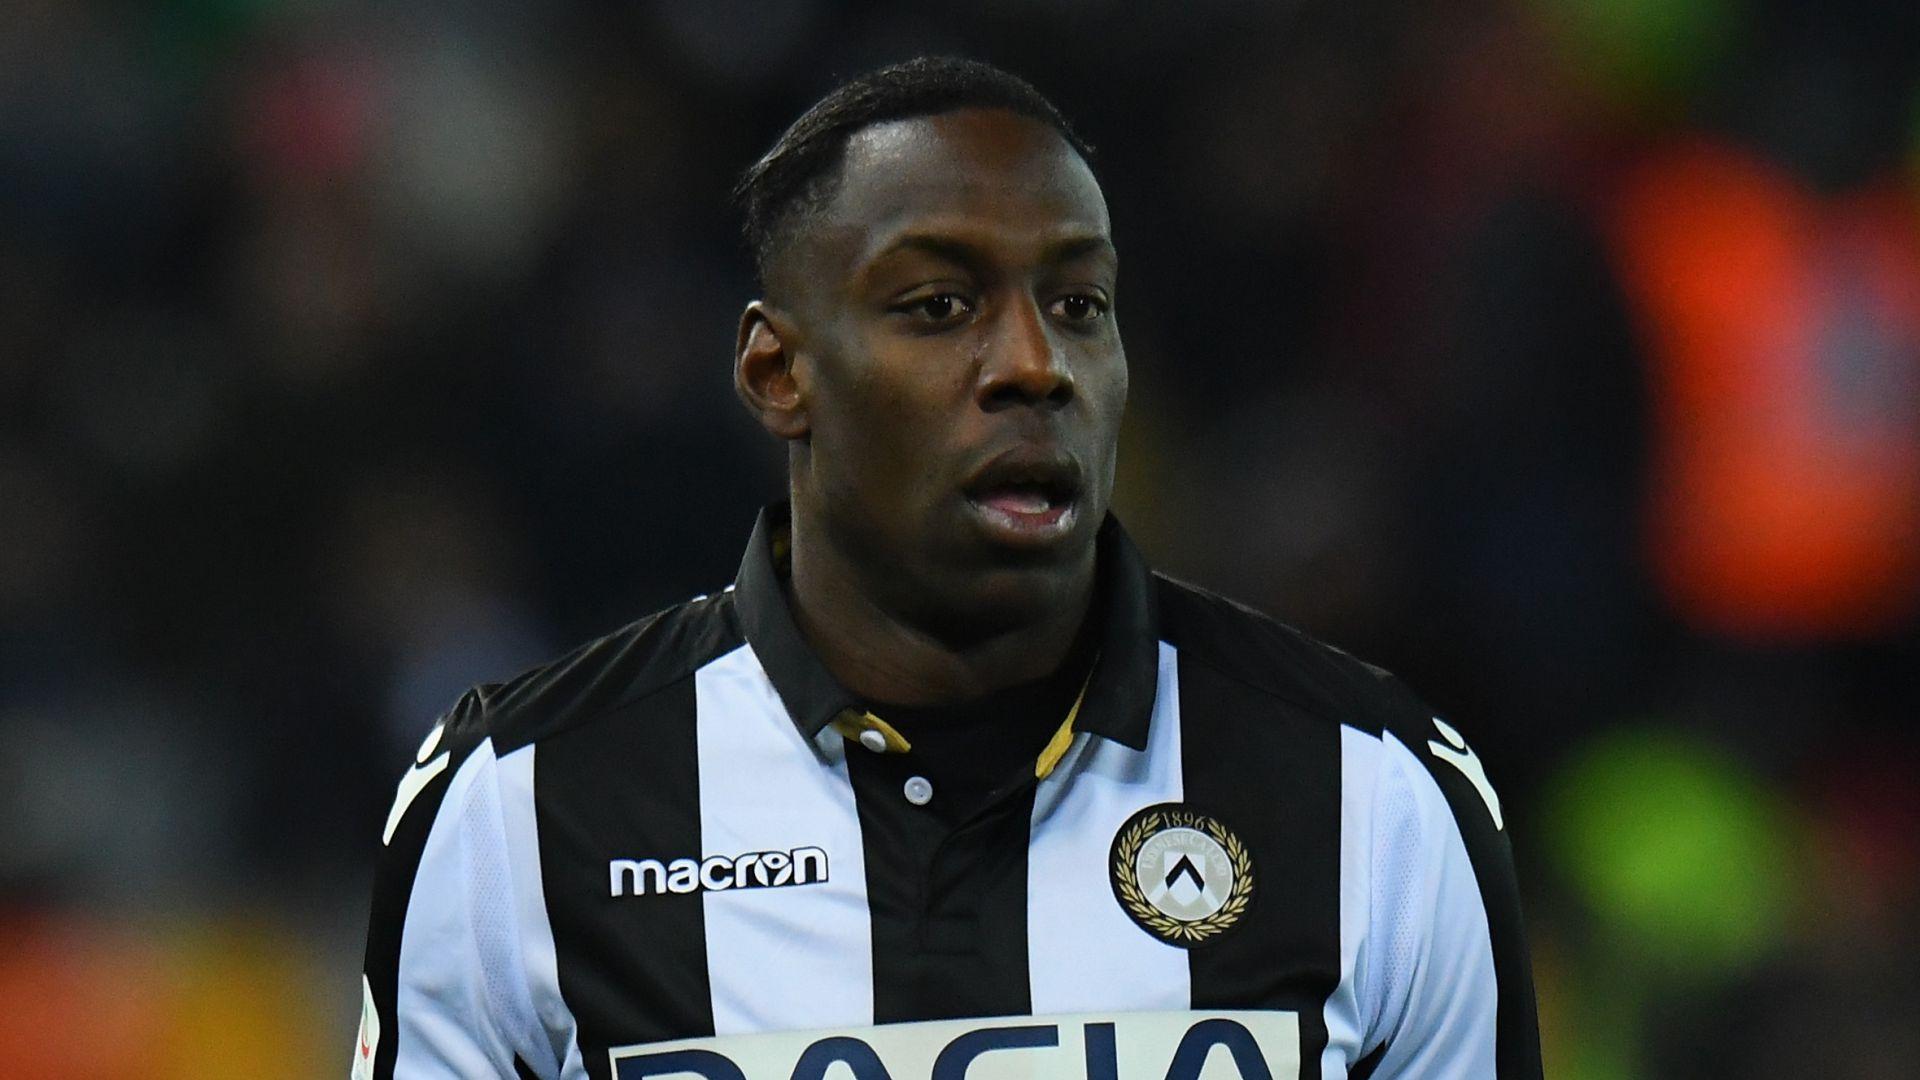 L'attaccante dell'Udinese Stefano Okaka scalpita per la ripresa del campionato. Queste le sue parole